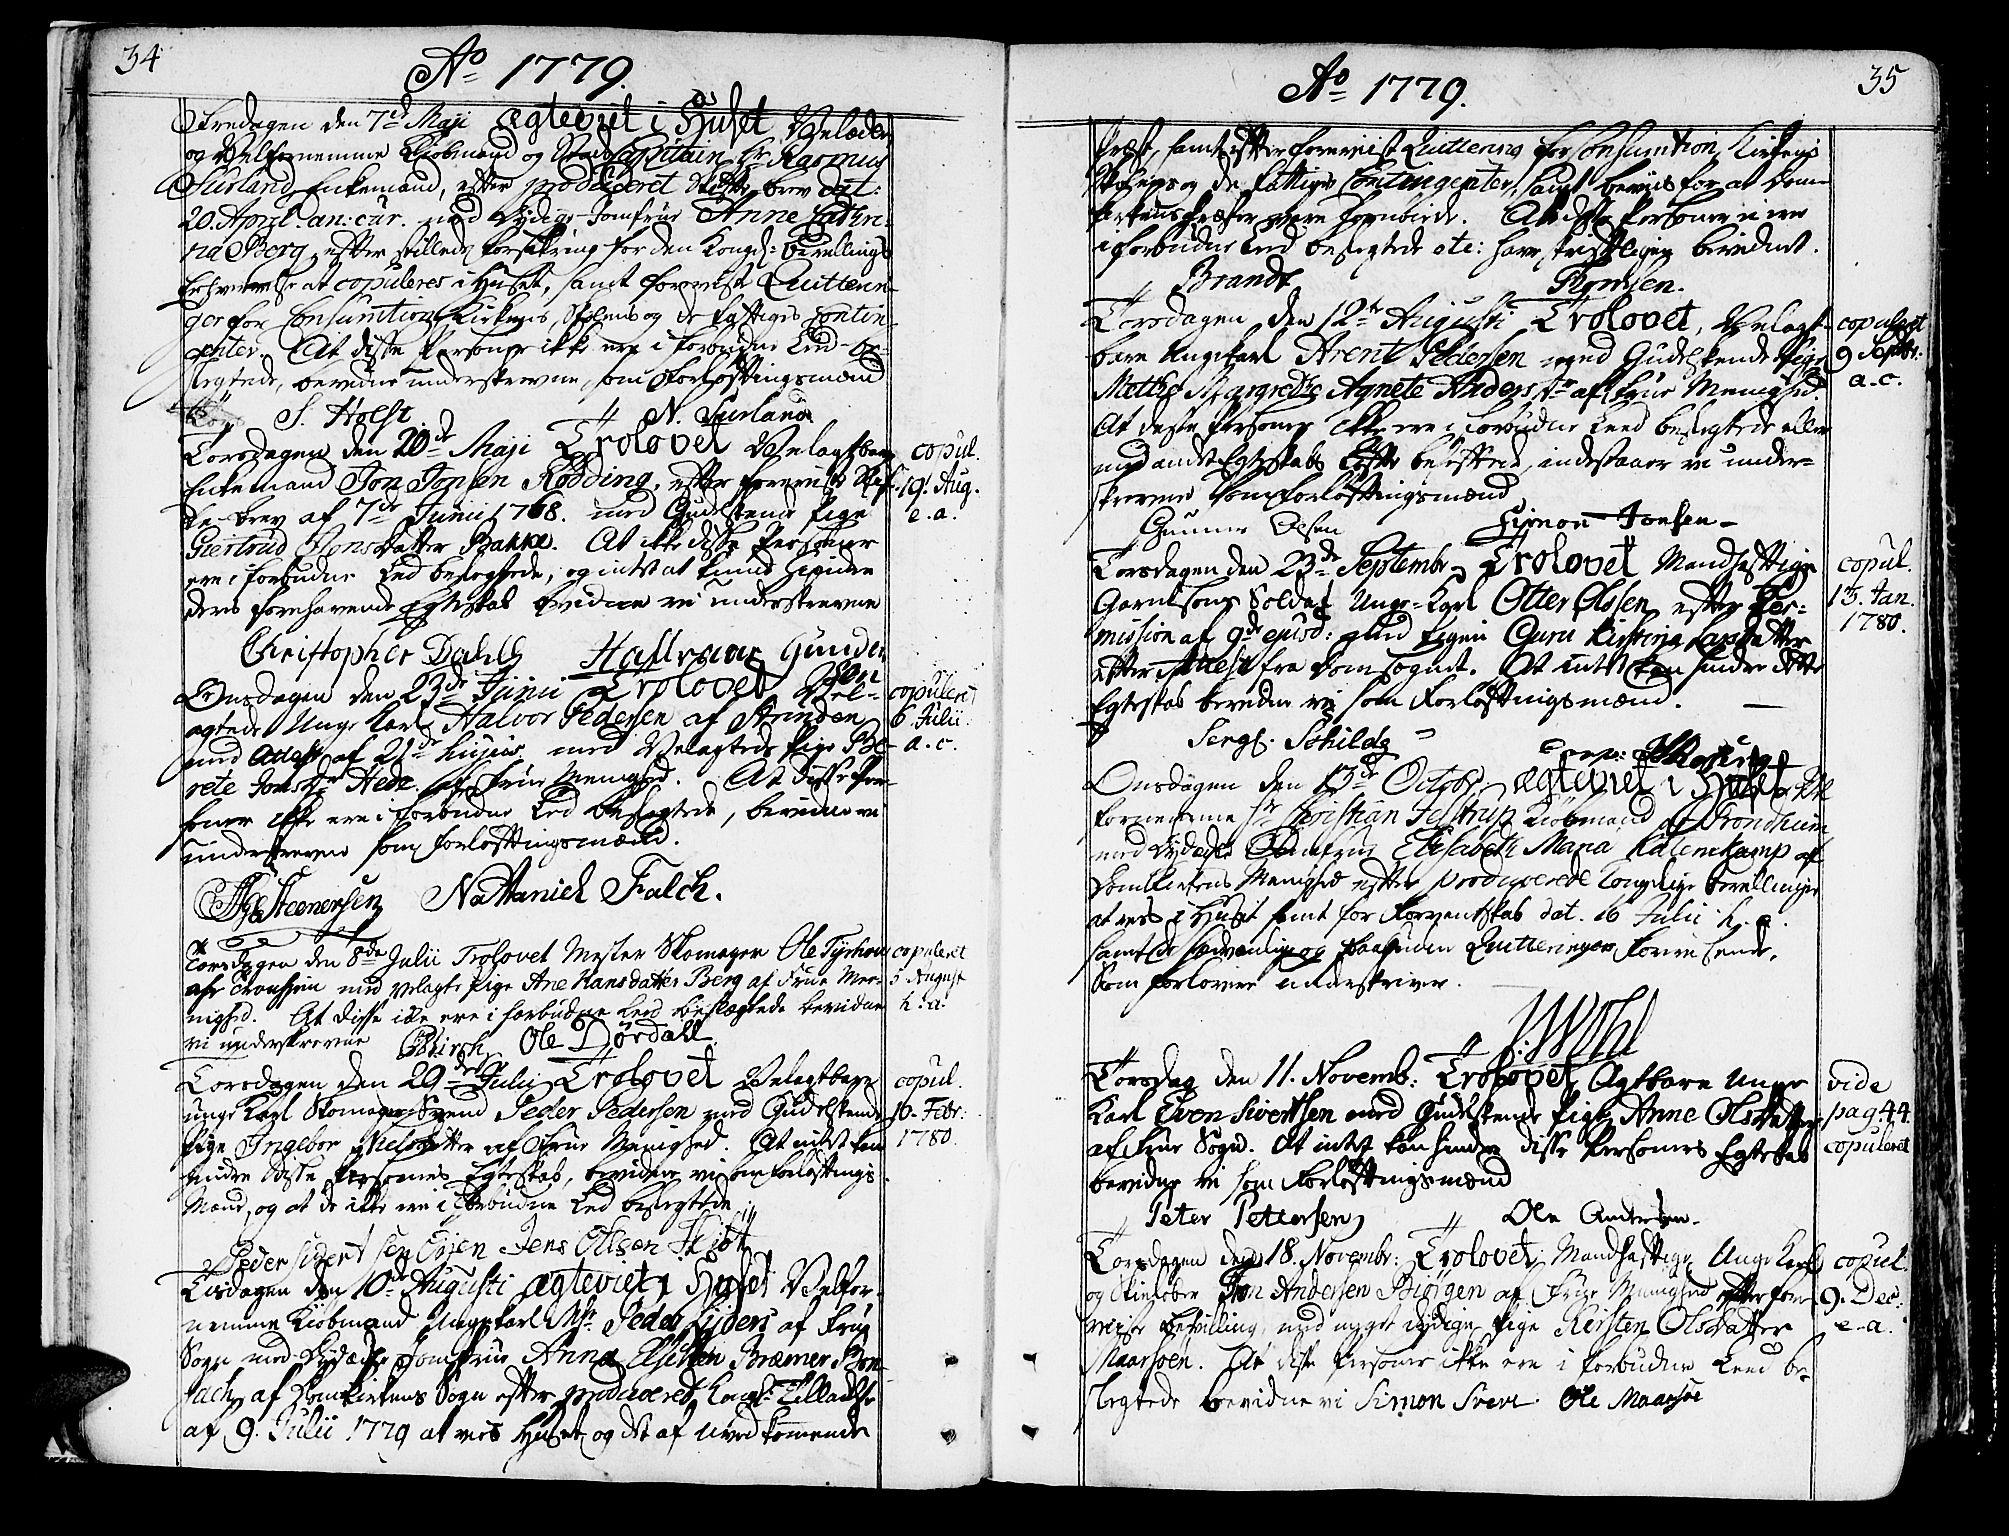 SAT, Ministerialprotokoller, klokkerbøker og fødselsregistre - Sør-Trøndelag, 602/L0105: Ministerialbok nr. 602A03, 1774-1814, s. 34-35